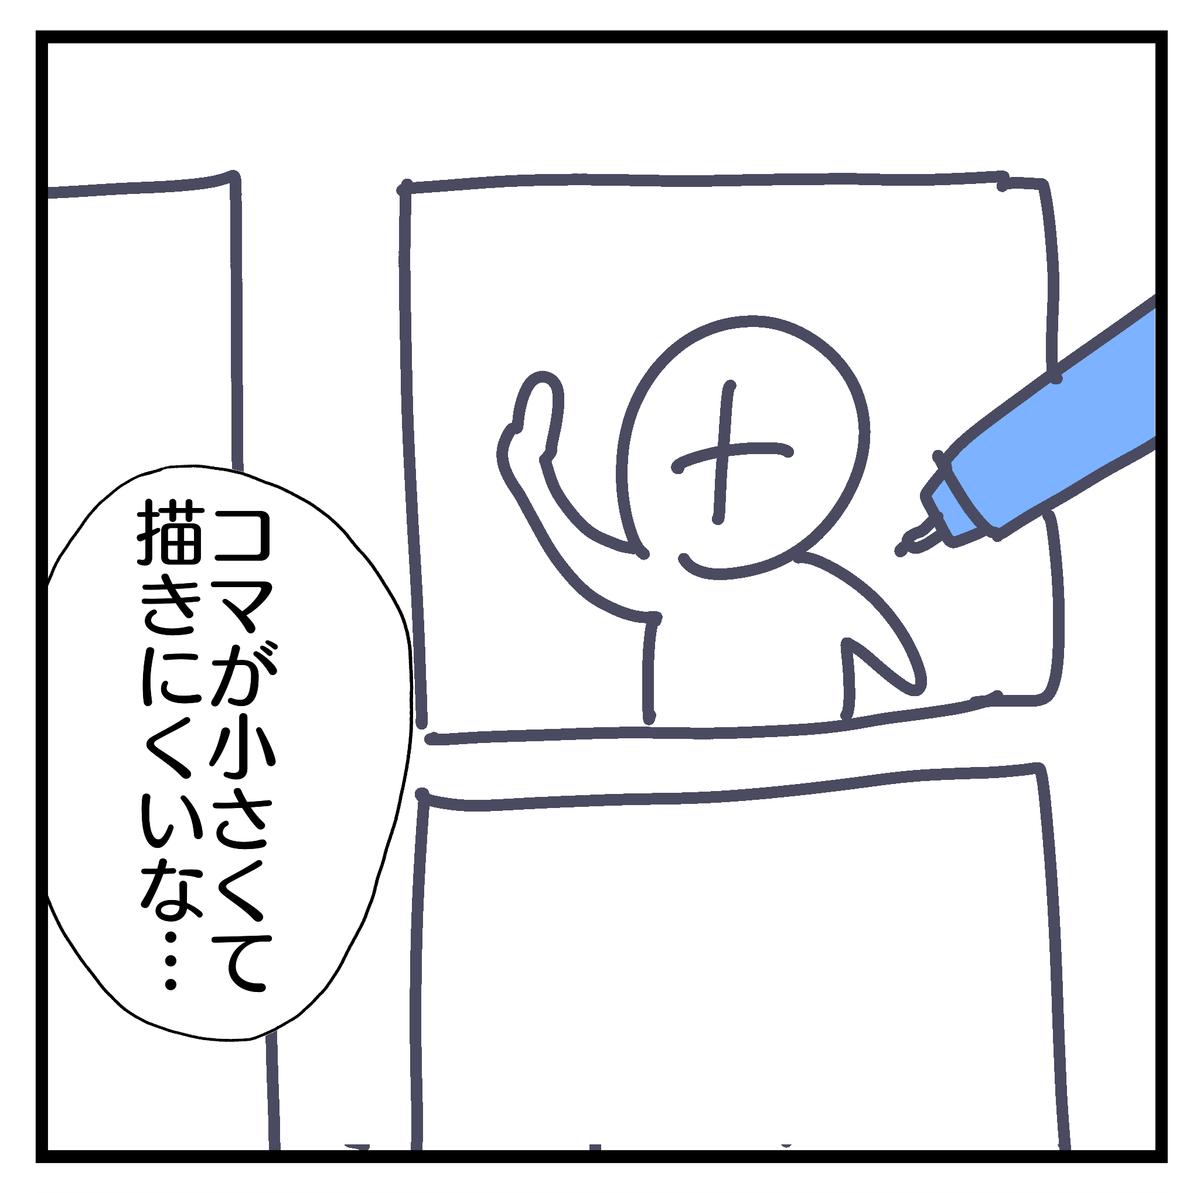 f:id:YuruFuwaTa:20200602112202p:plain